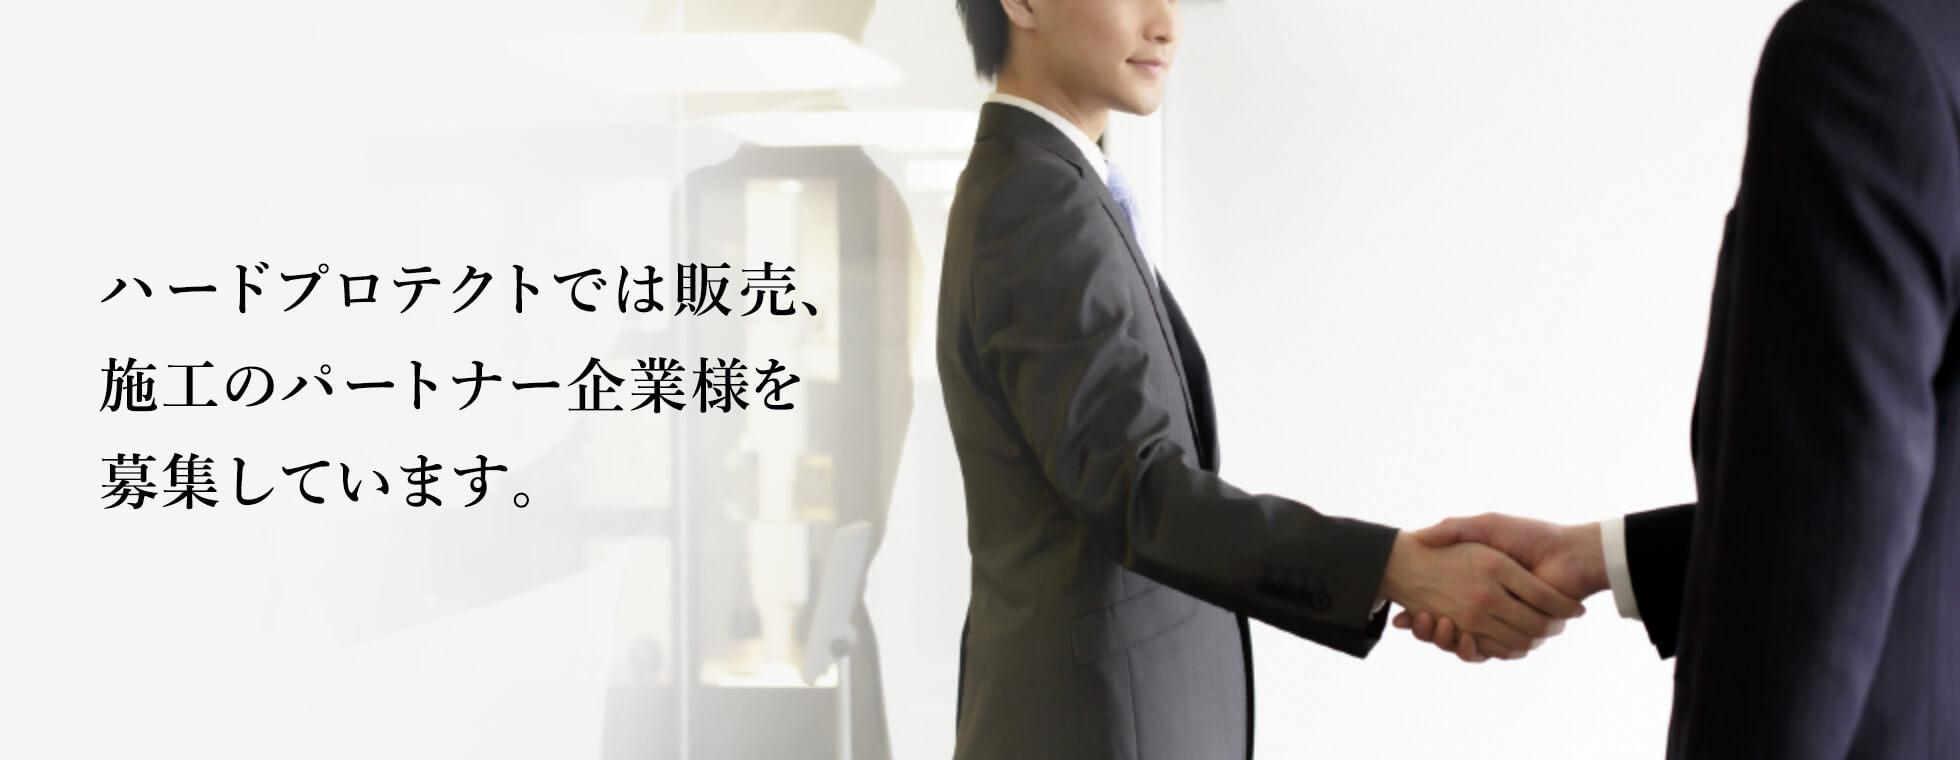 ハードプロテクトでは販売、施工のパートナー企業様を募集しています。